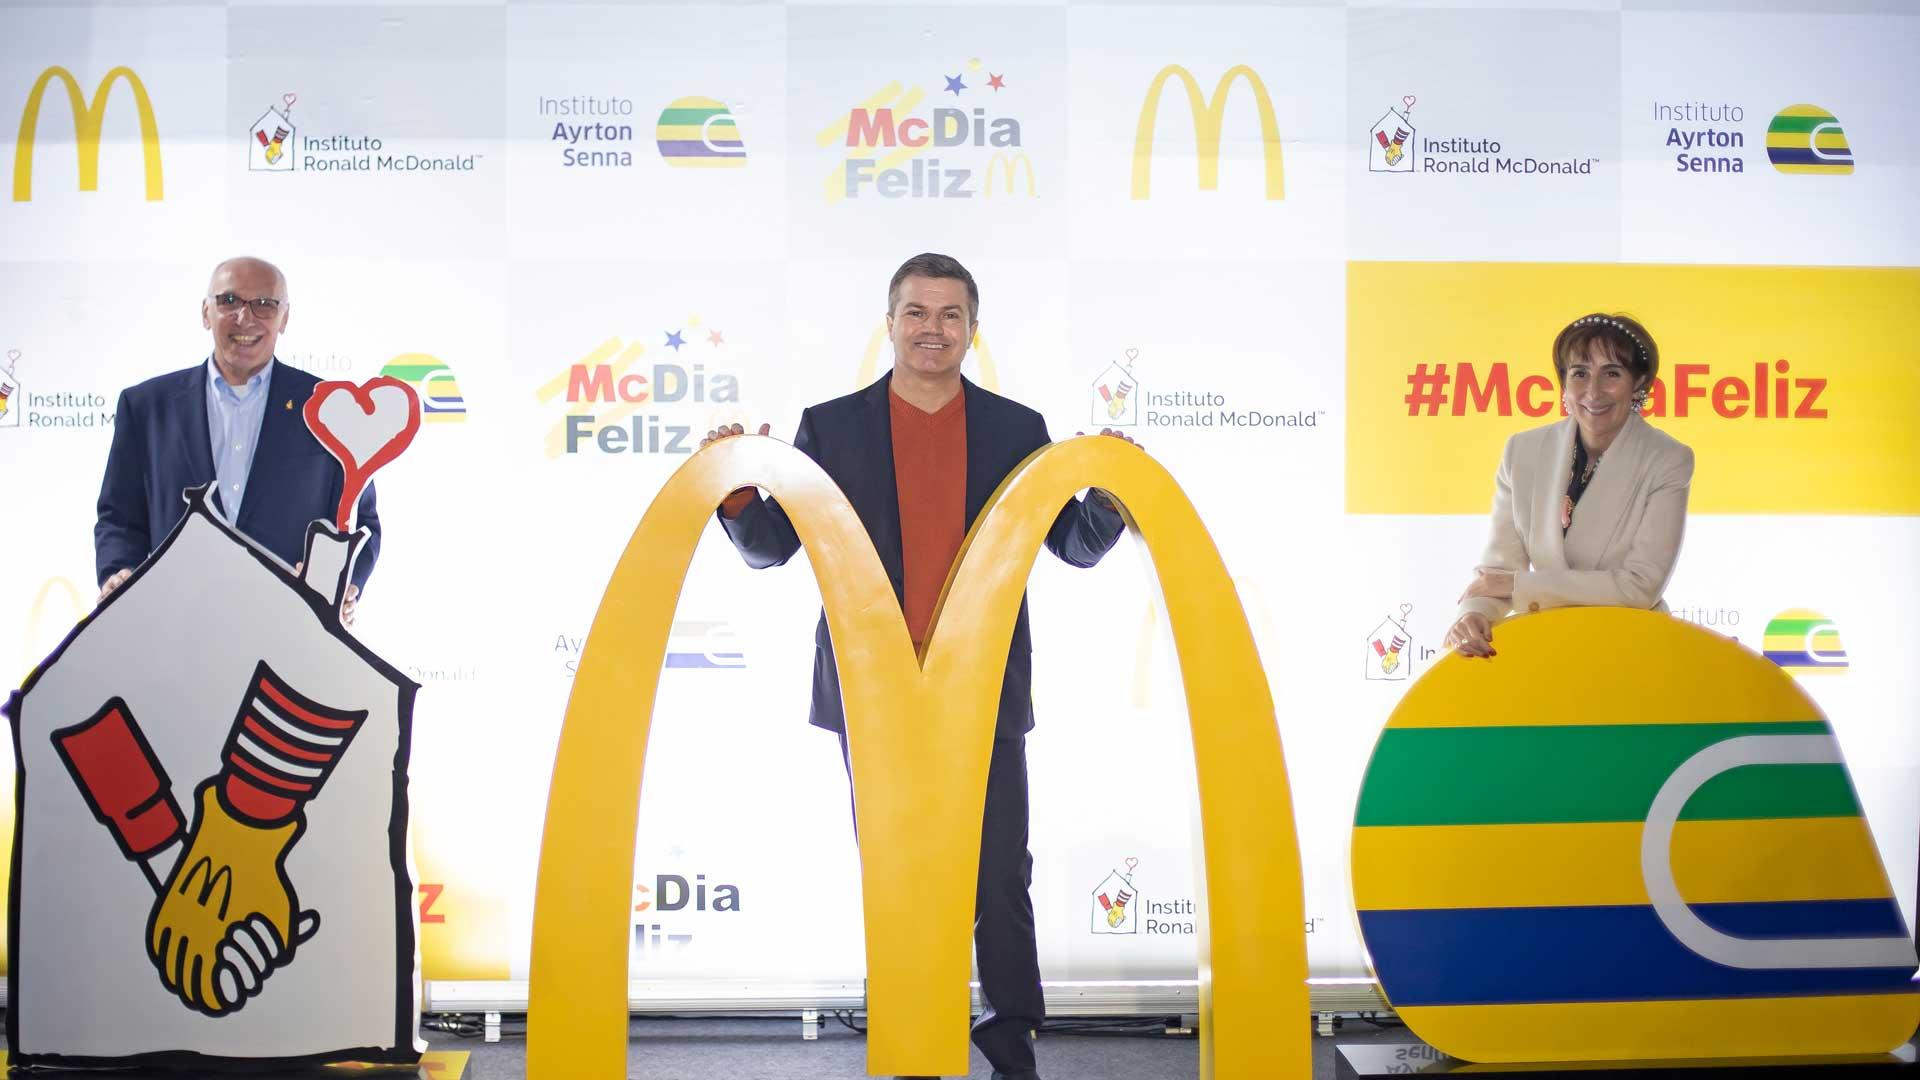 [Brasil] McDia Feliz 2020 será realizado em 21 de novembro